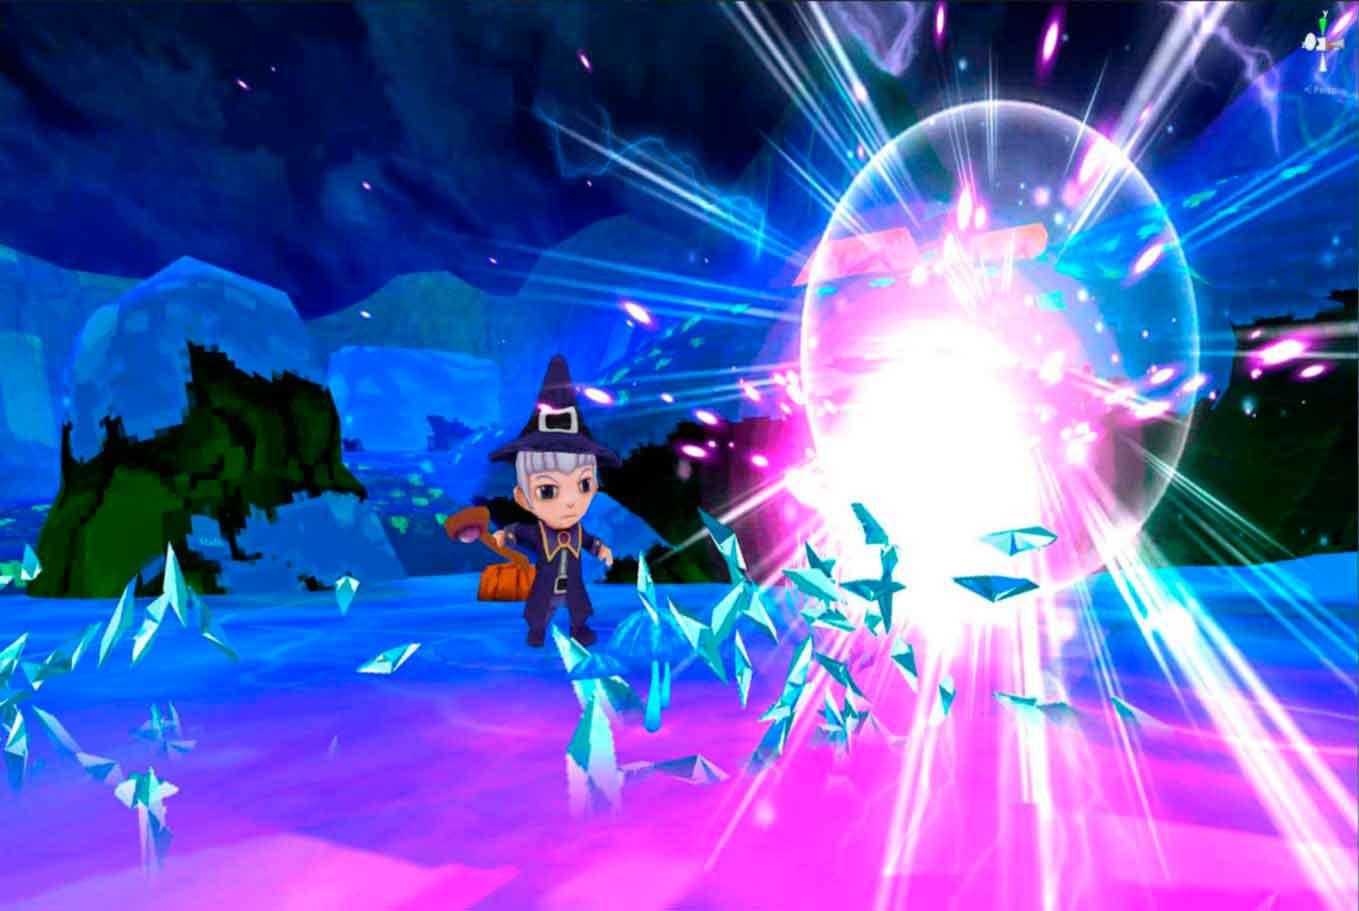 Special of Fight Fantasy fightfantasyonline 35.